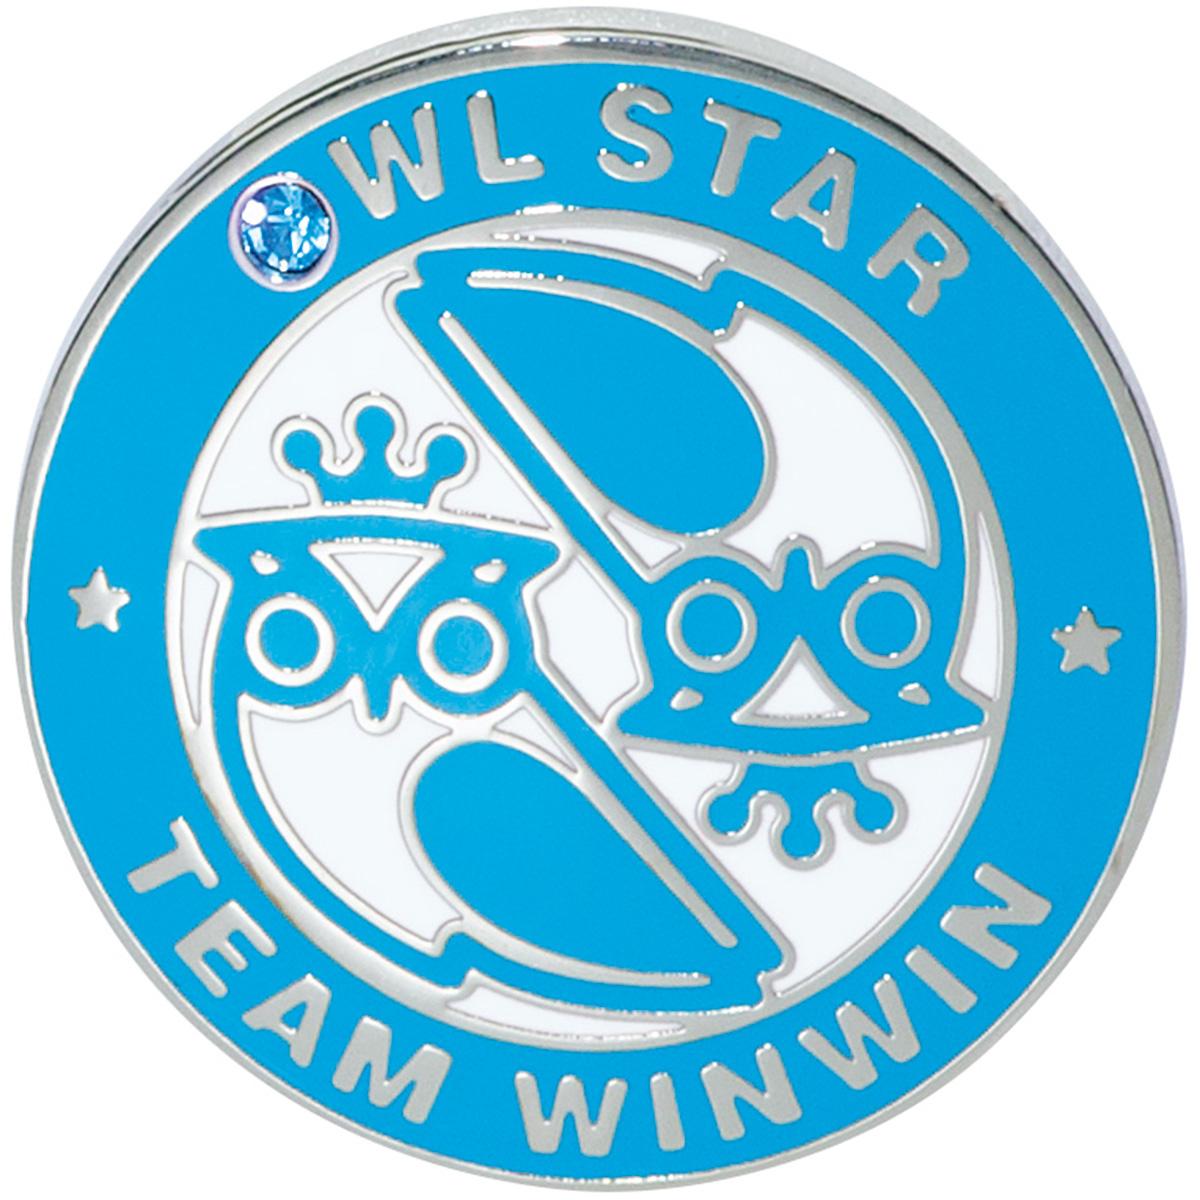 OWL STAR マーカー